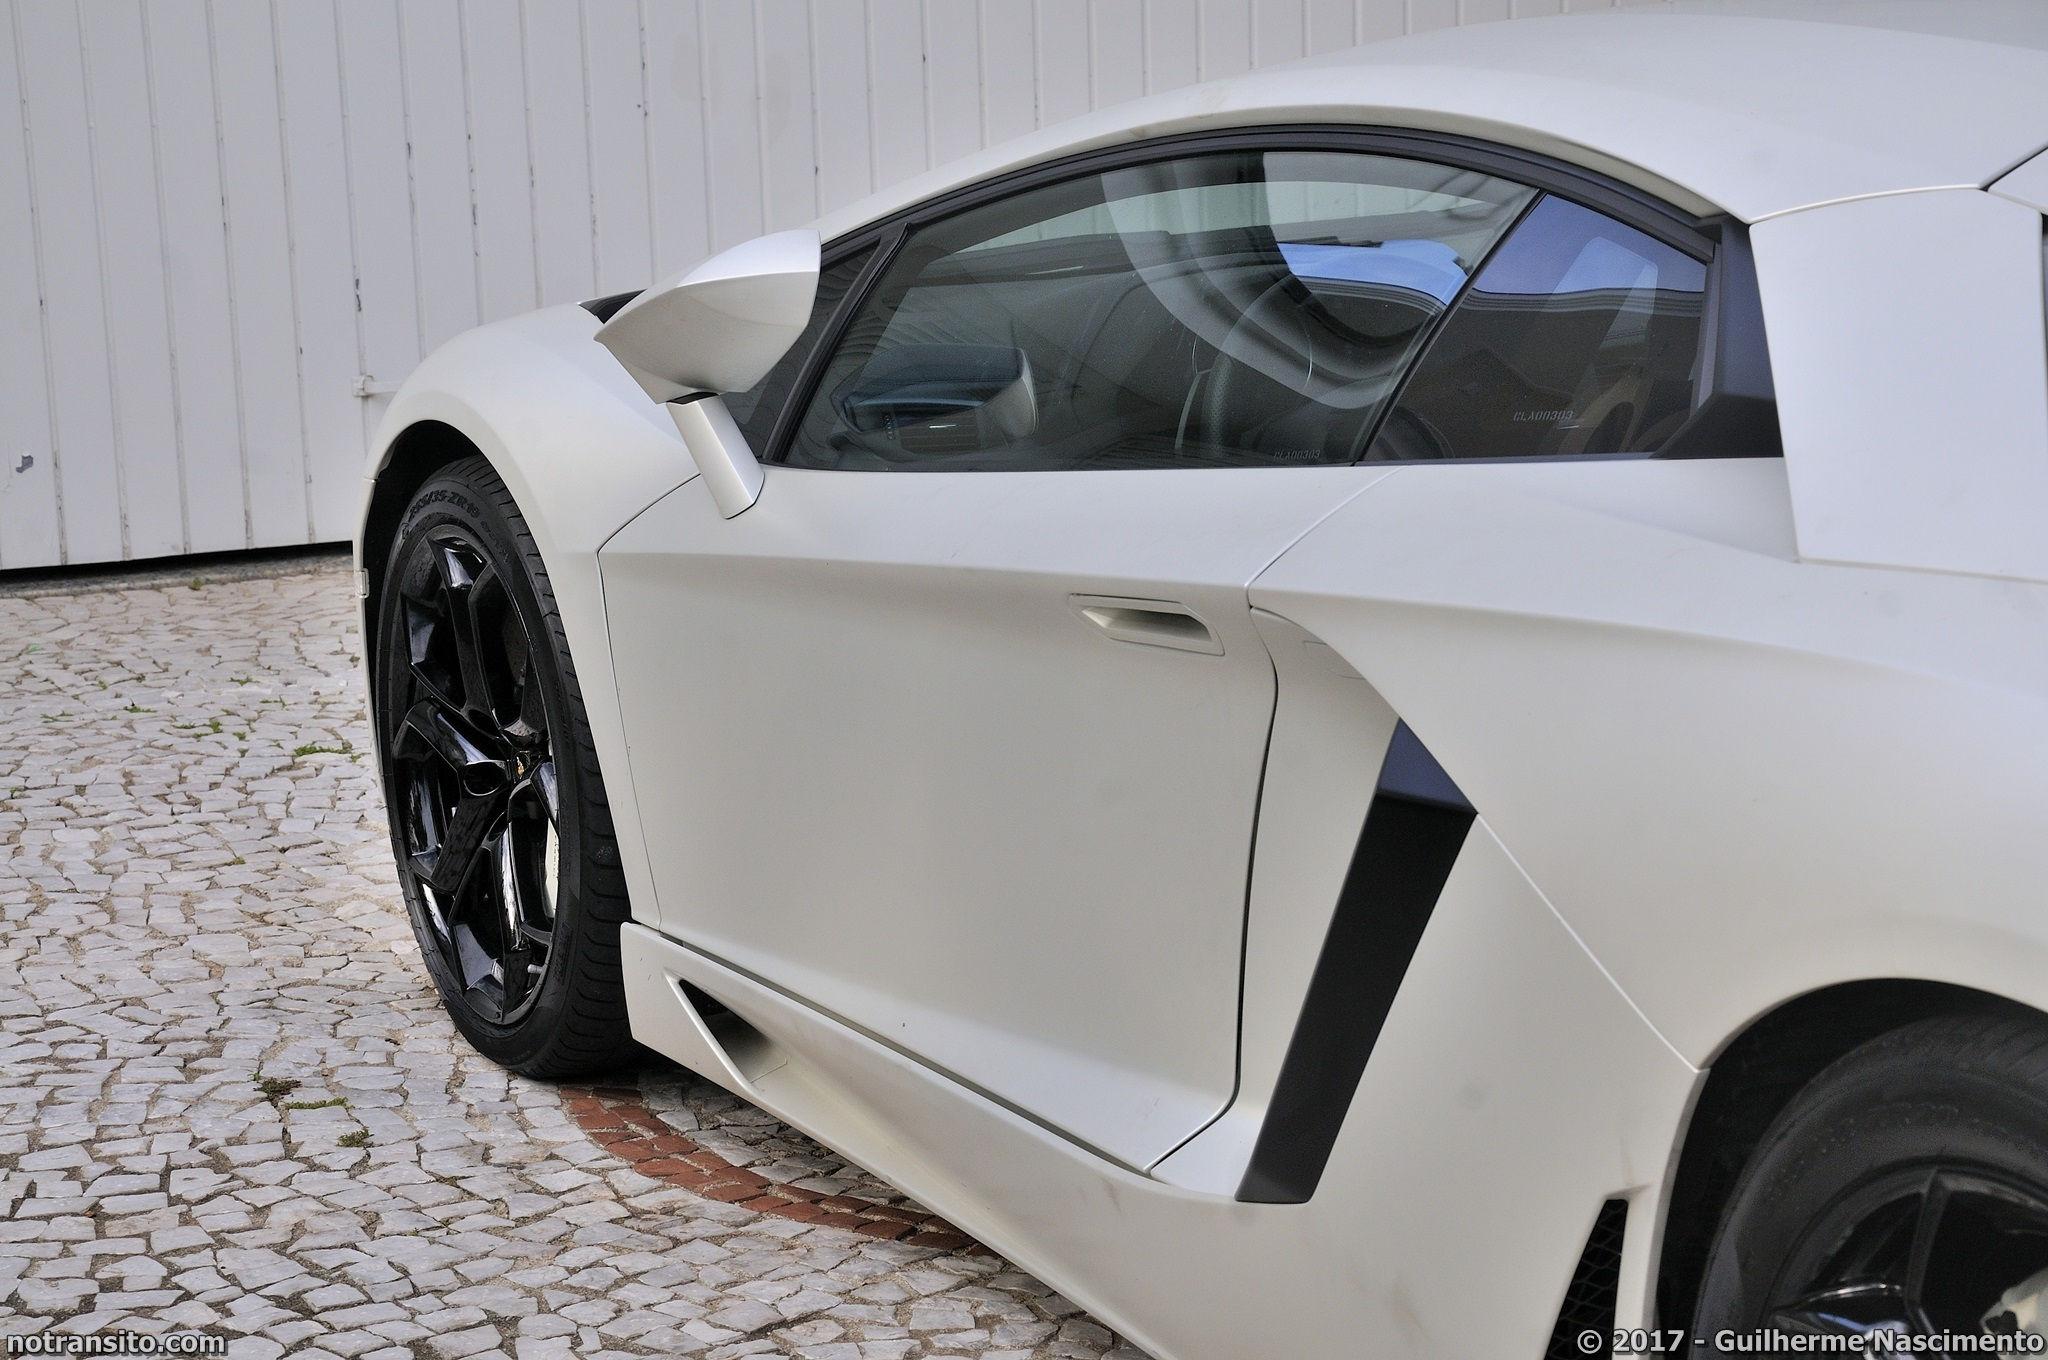 Lamborghini-Aventador-LP-700-4-McLaren-MP4-12C-015